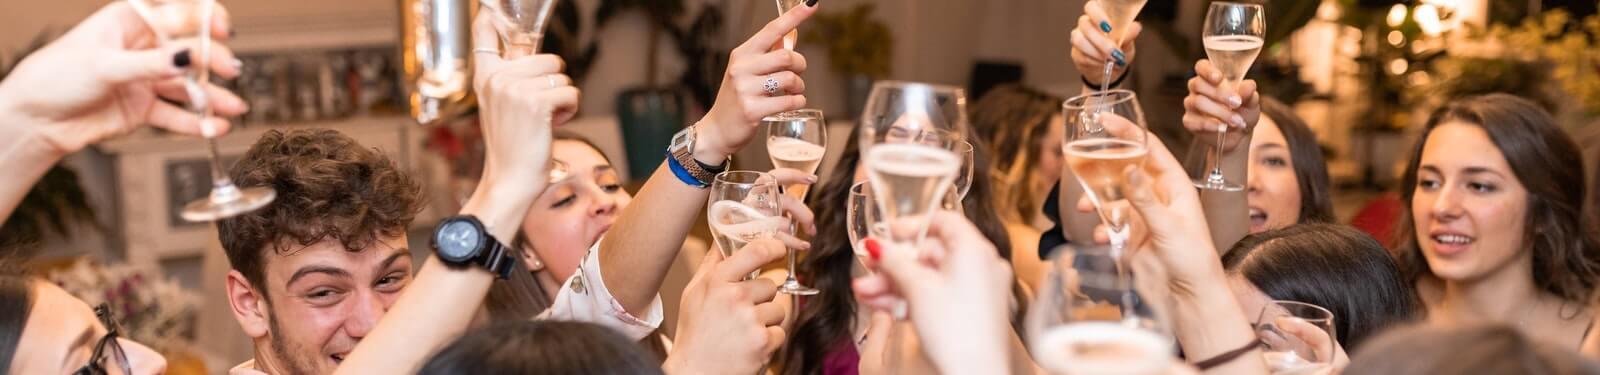 beber alcohol con moderacion